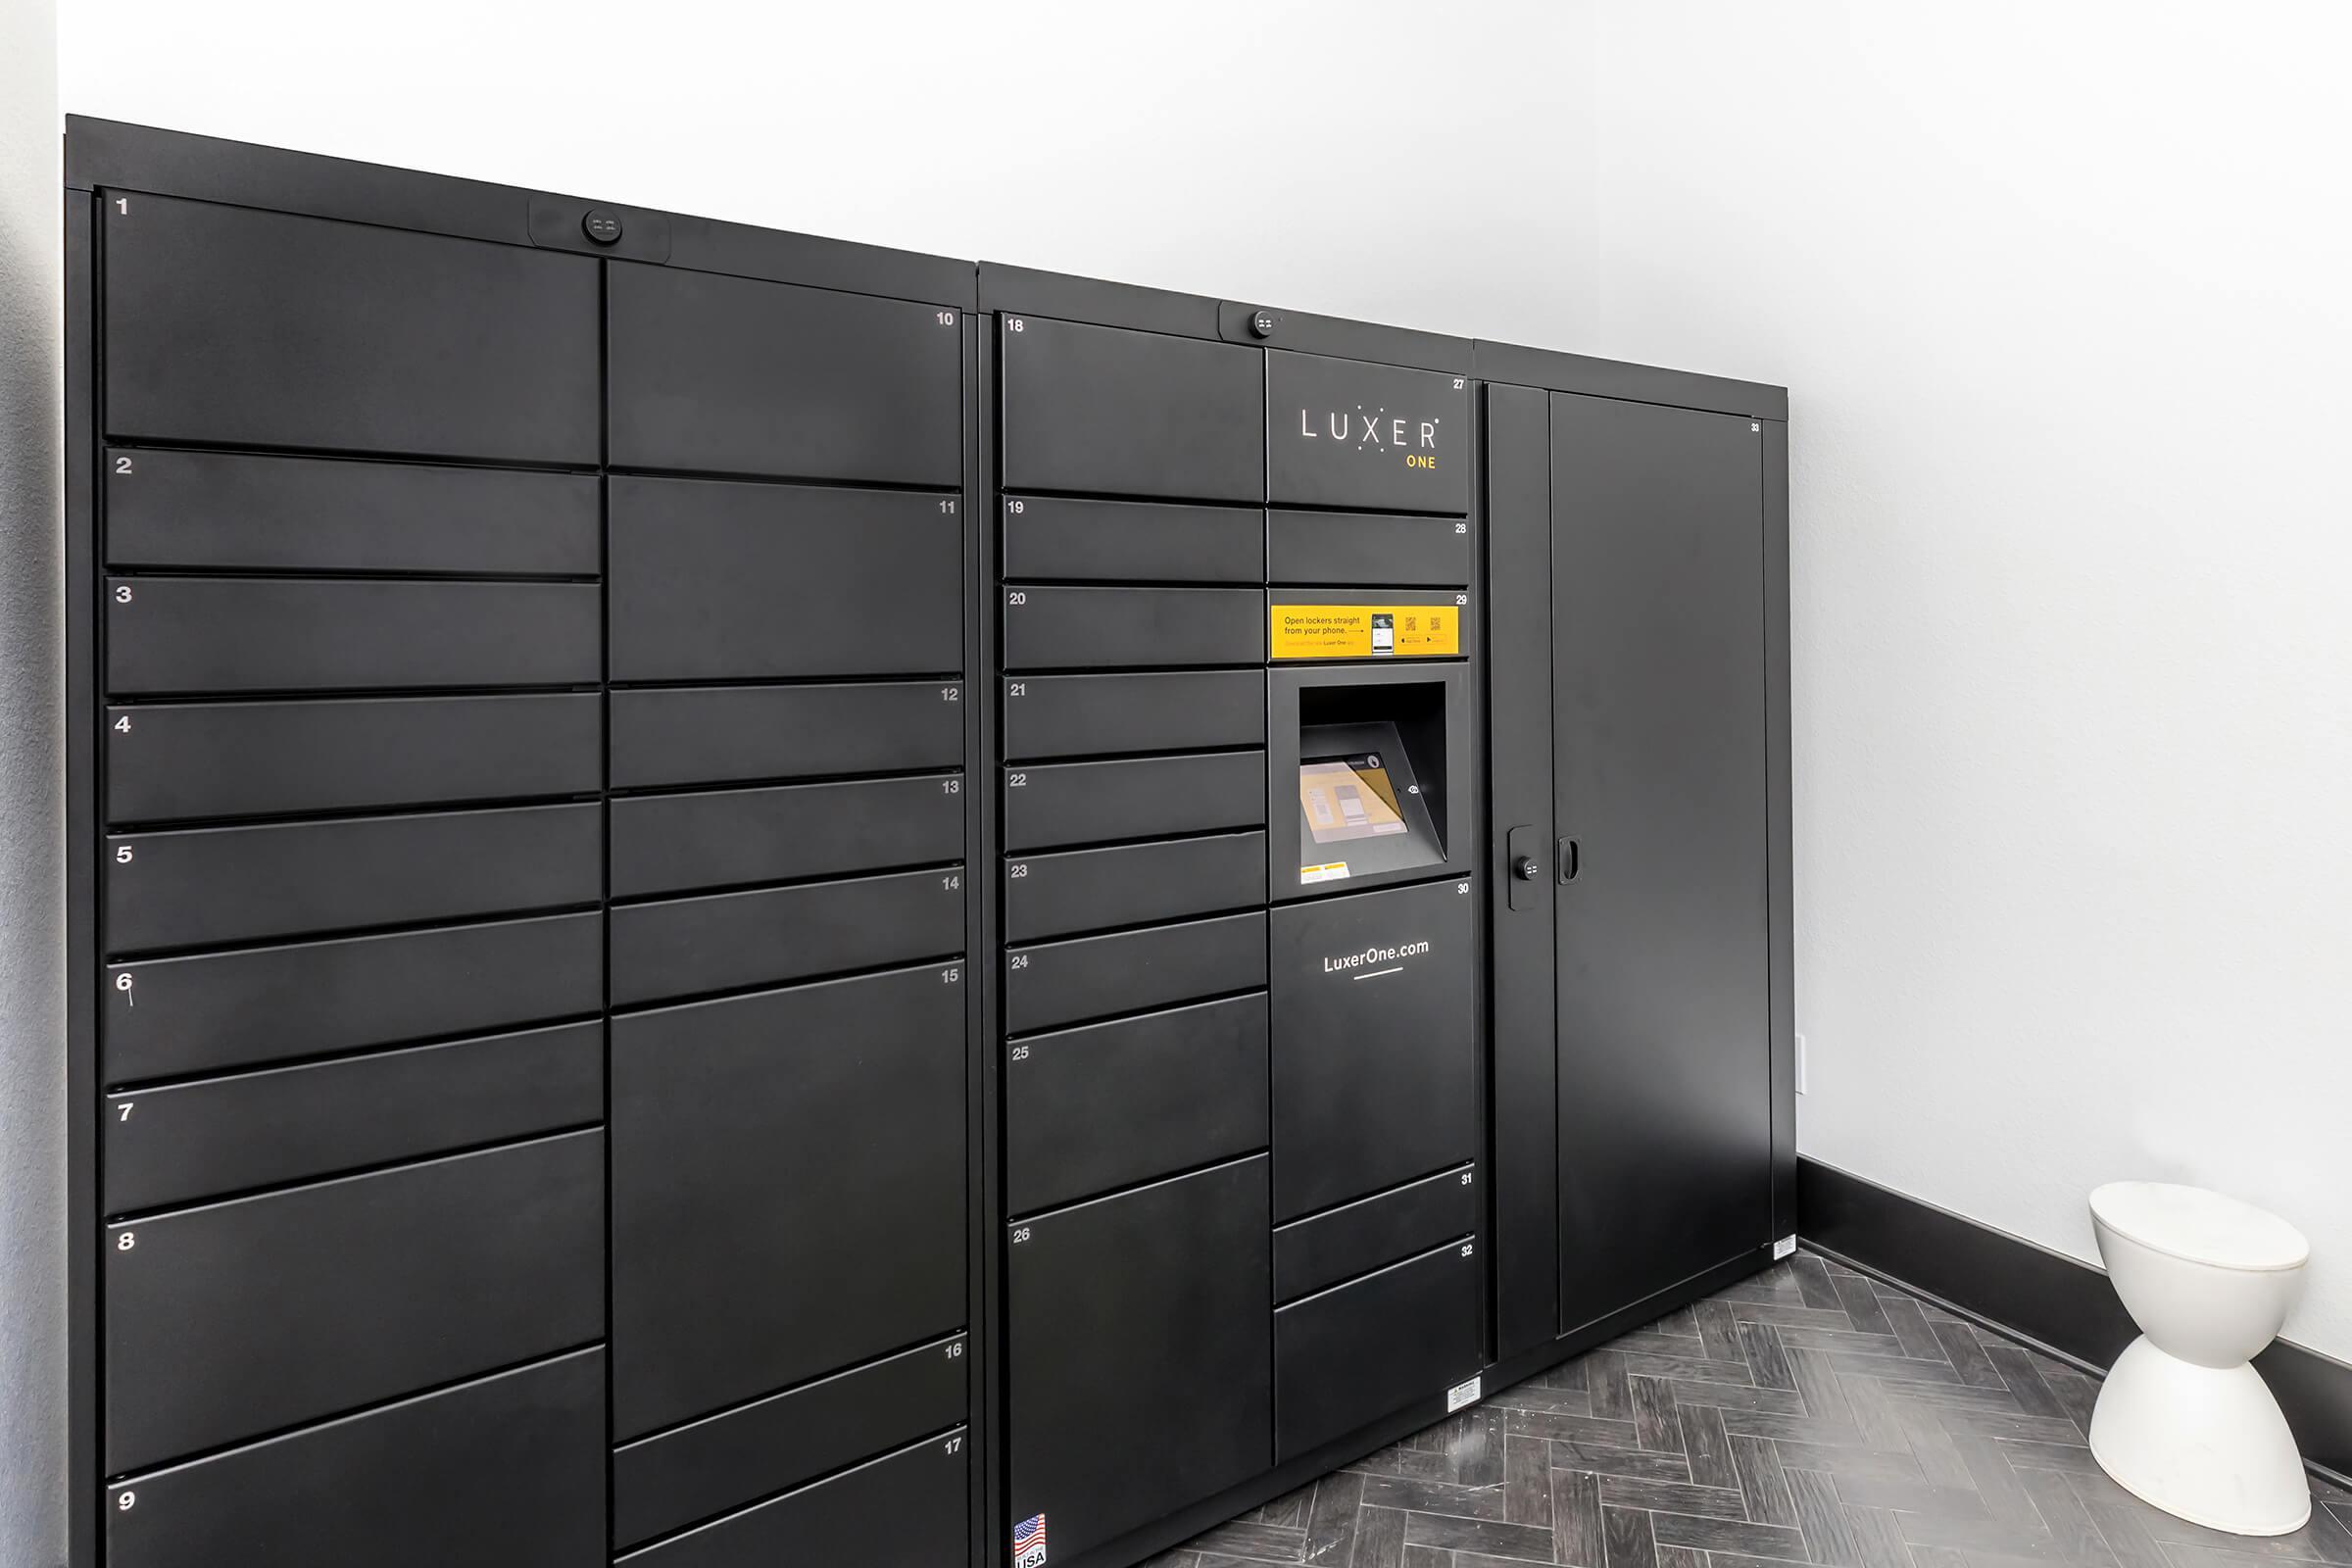 Luxer One lockboxes